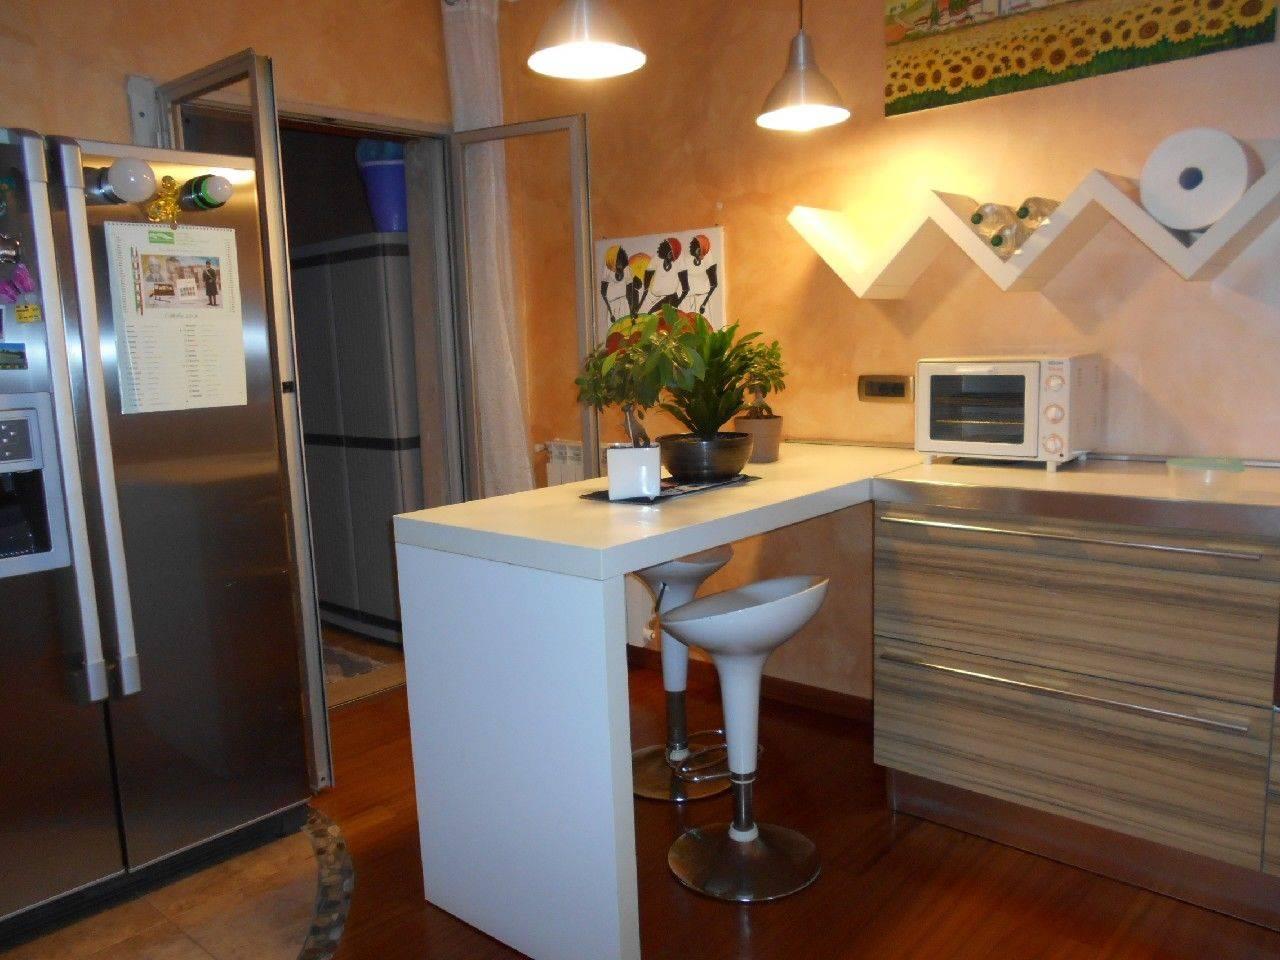 Appartamento Trilocale per le Vacanze. In zona Maiorca proponiamo splendido appartamento collocato al secondo piano disposto su un unico livello.